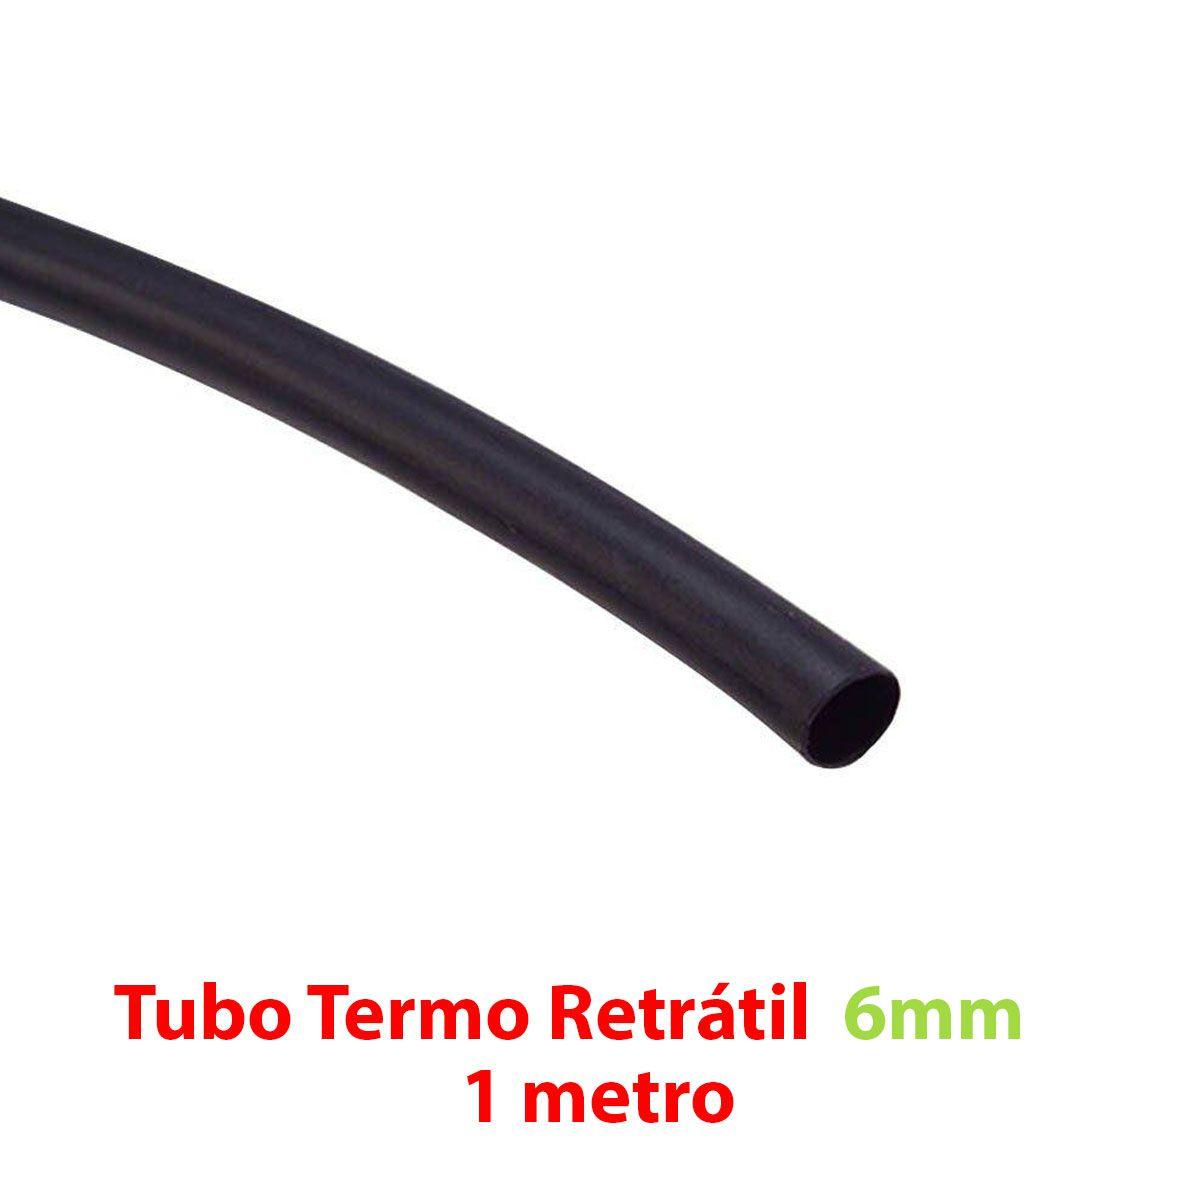 Soprador Térmico HK-509 220V - Hikari + Kit Espaguete isolante / Tubo termo retrátil